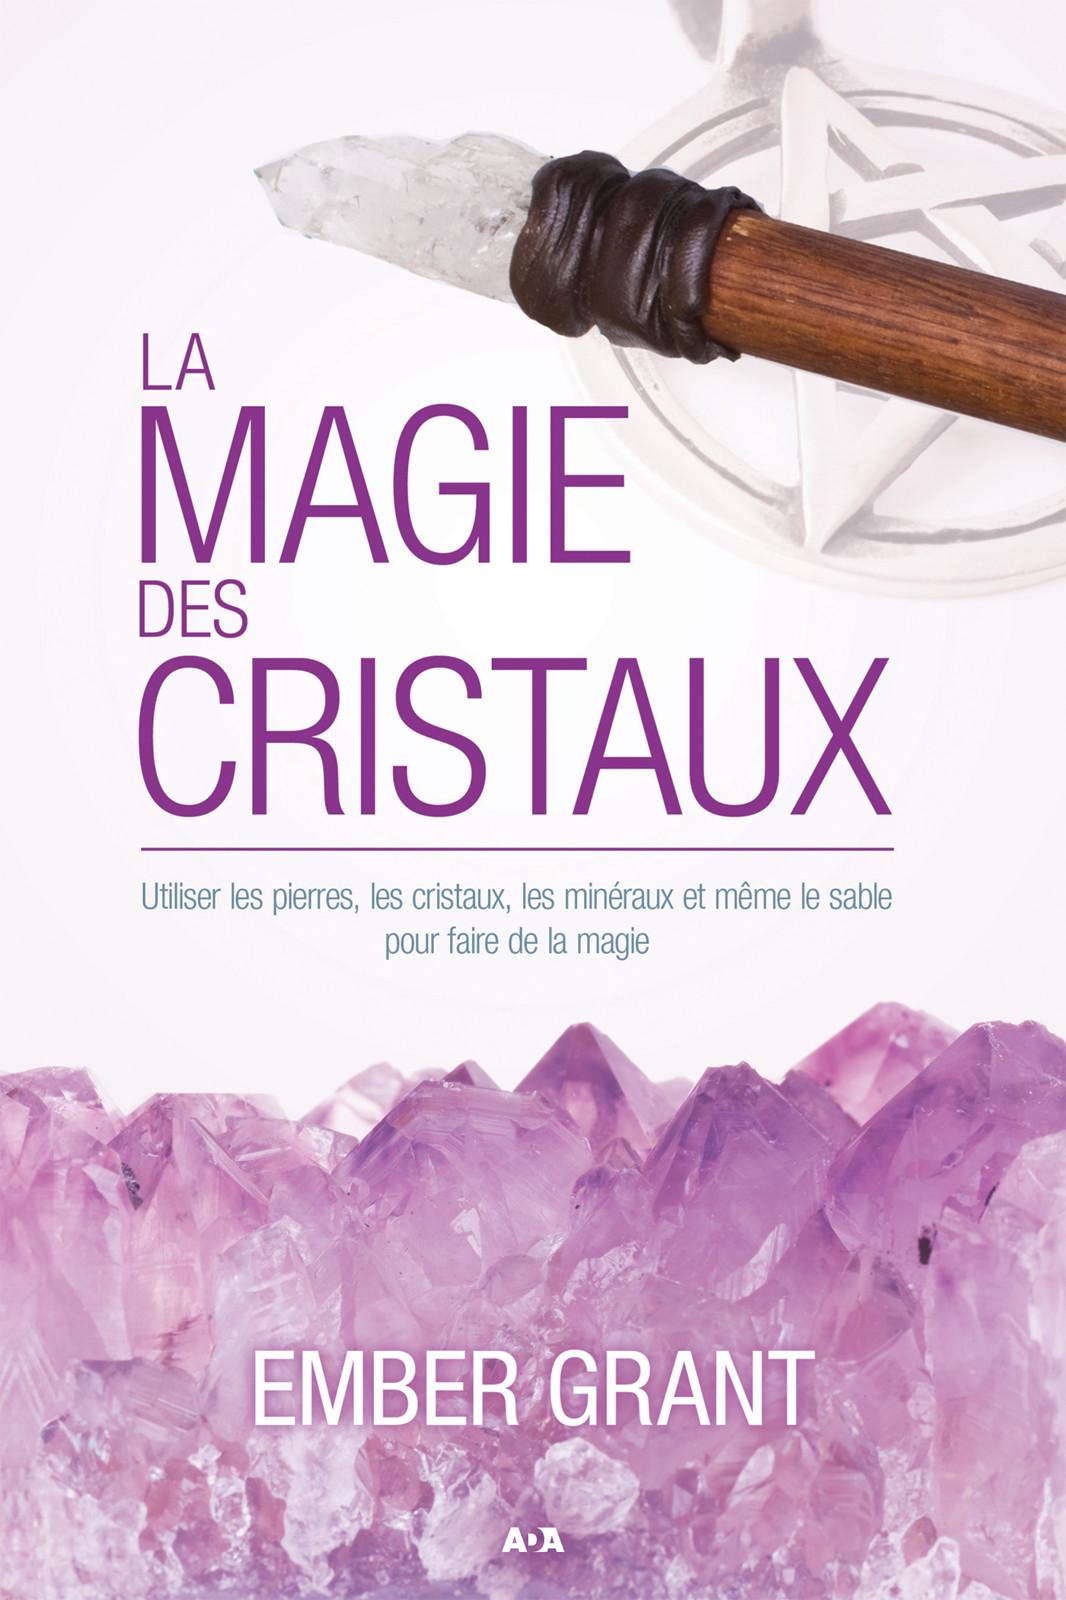 La magie des cristaux, Utiliser les pierres, les cristaux, les minéraux et même le sable pour faire de la magie